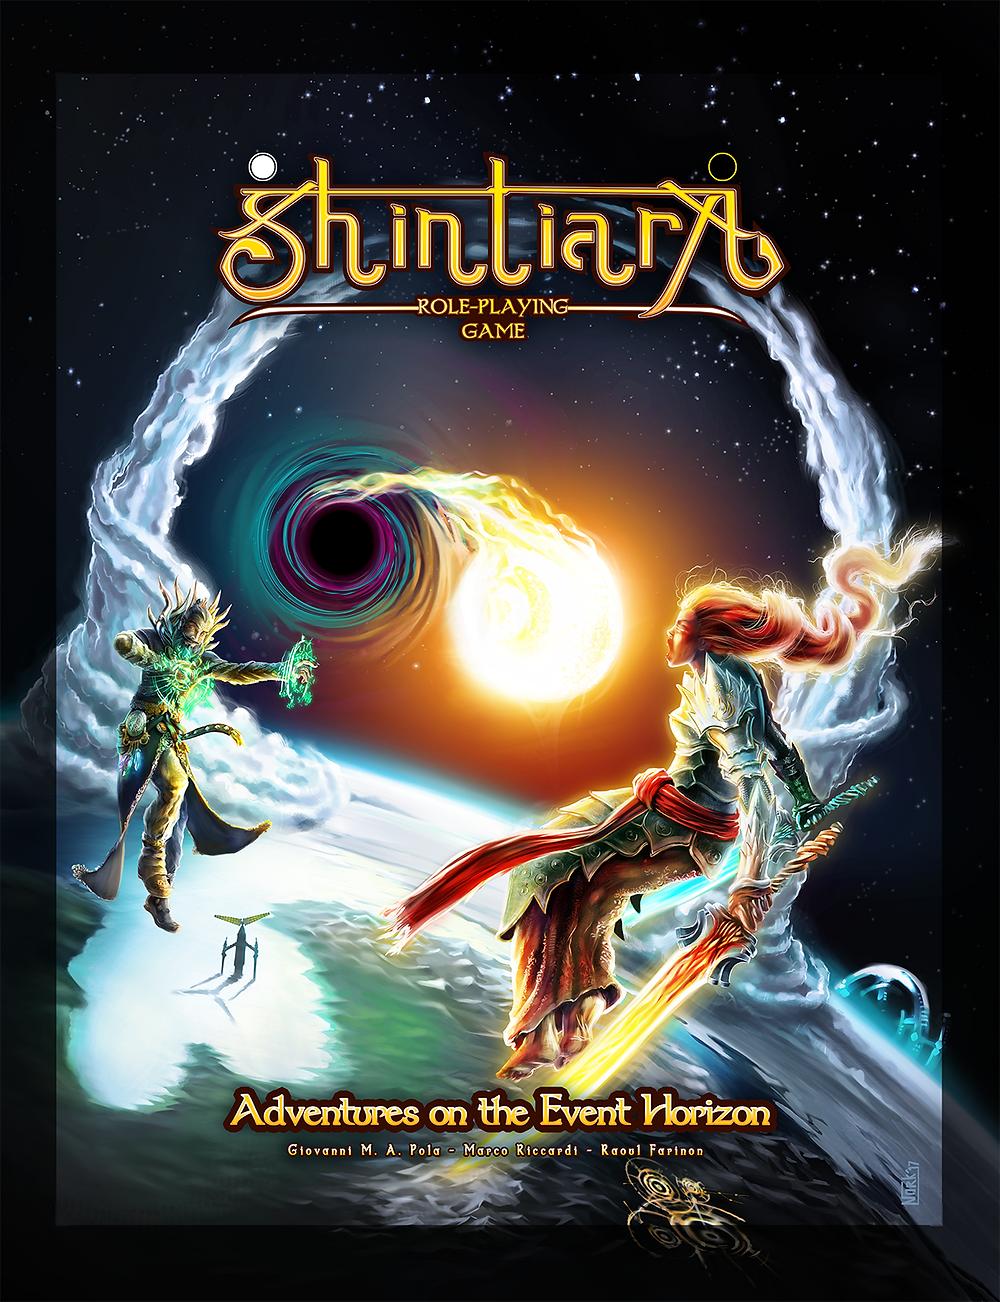 Shintiara's Cover